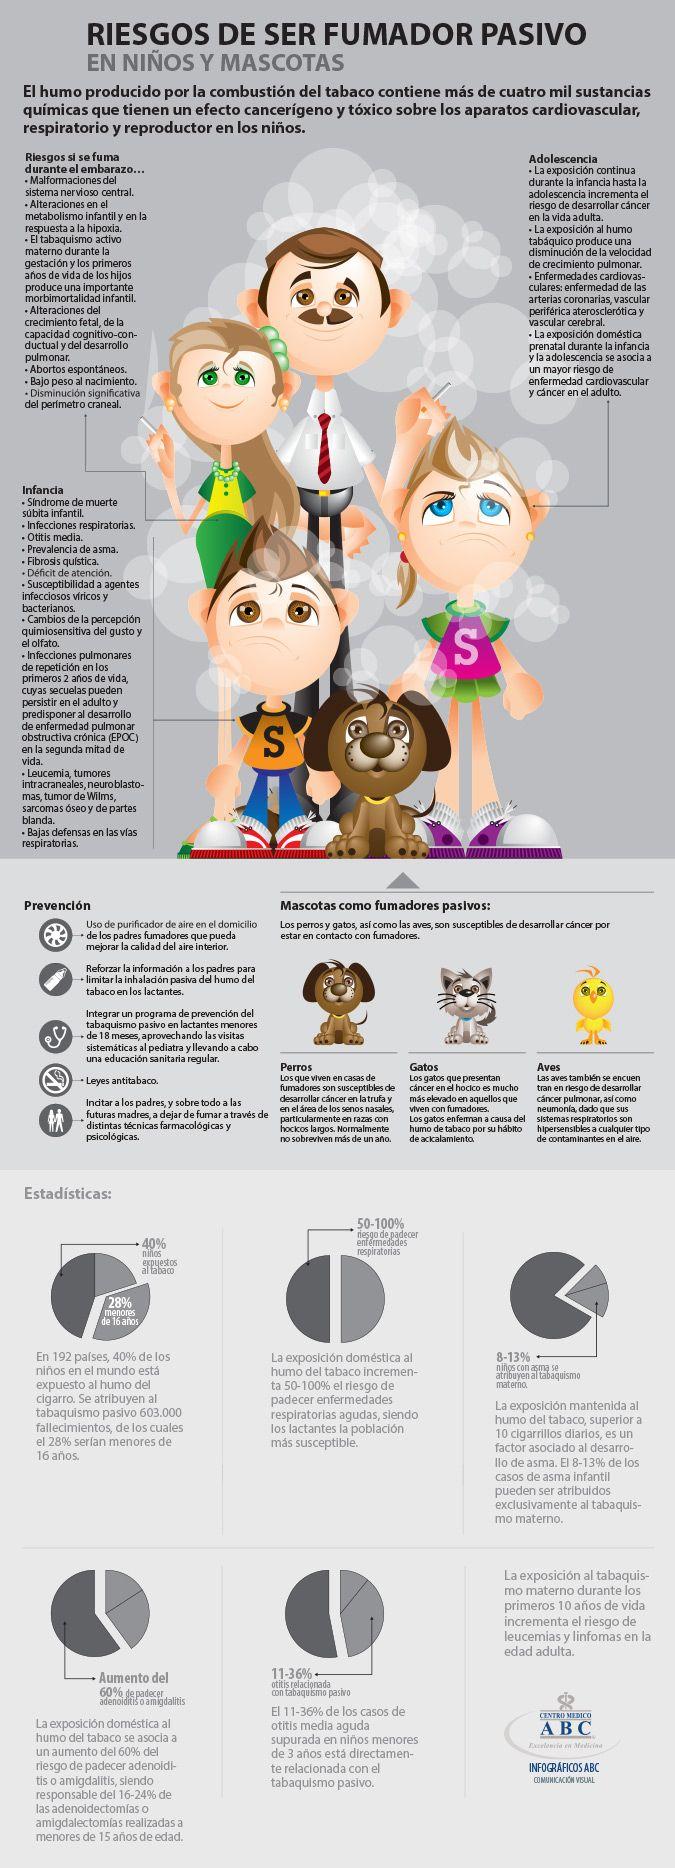 Riesgos de ser fumador pasivo en niños y mascotas